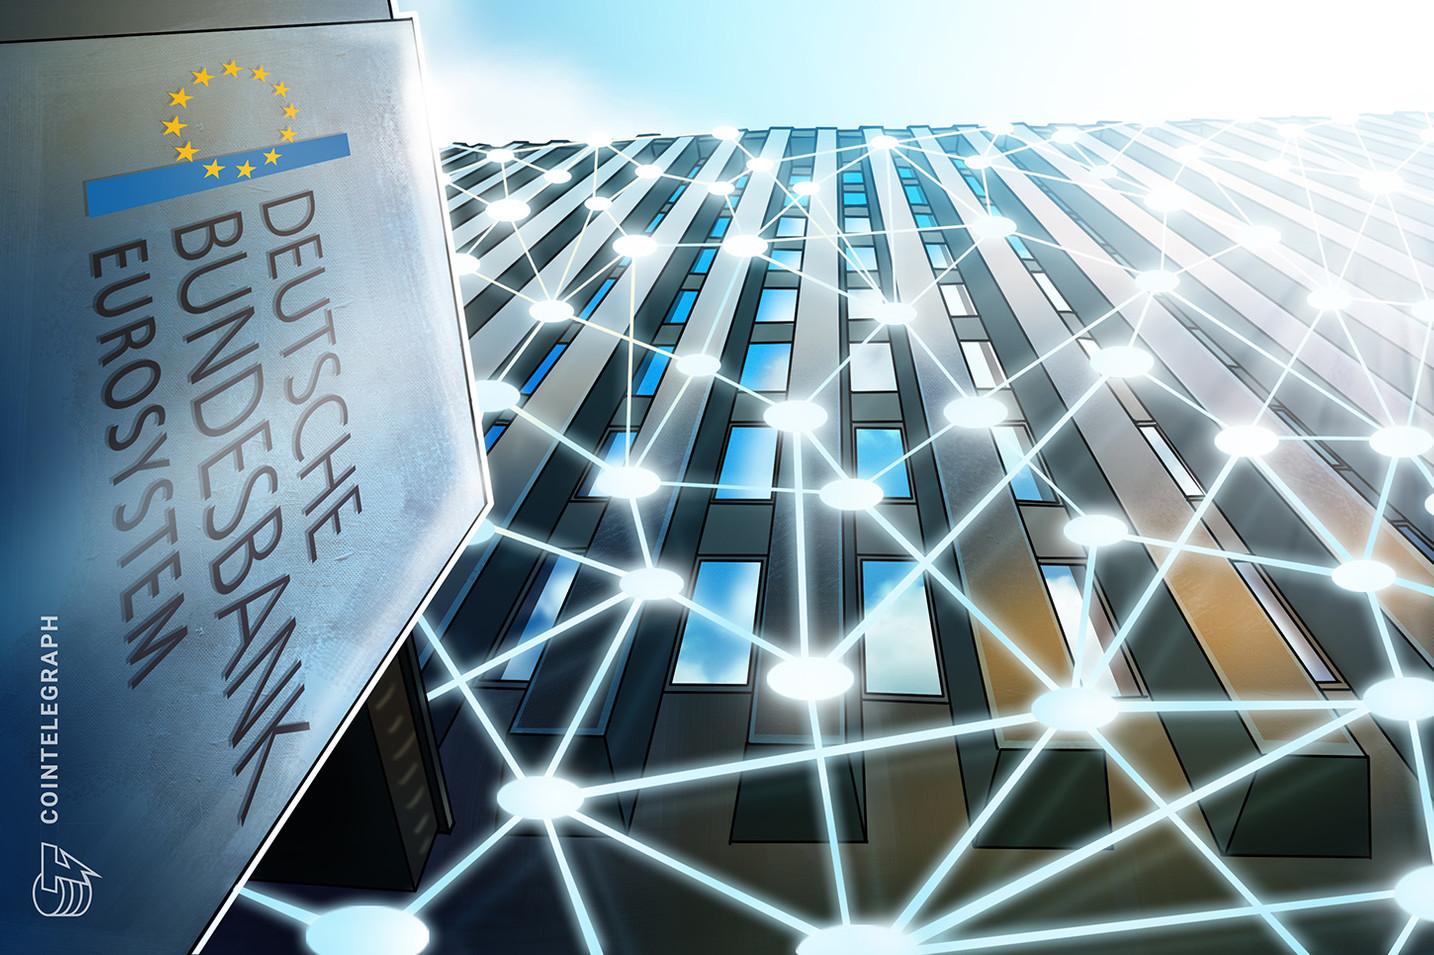 Banco federal alemão executa sistema blockchain de sucesso sem a CBDC